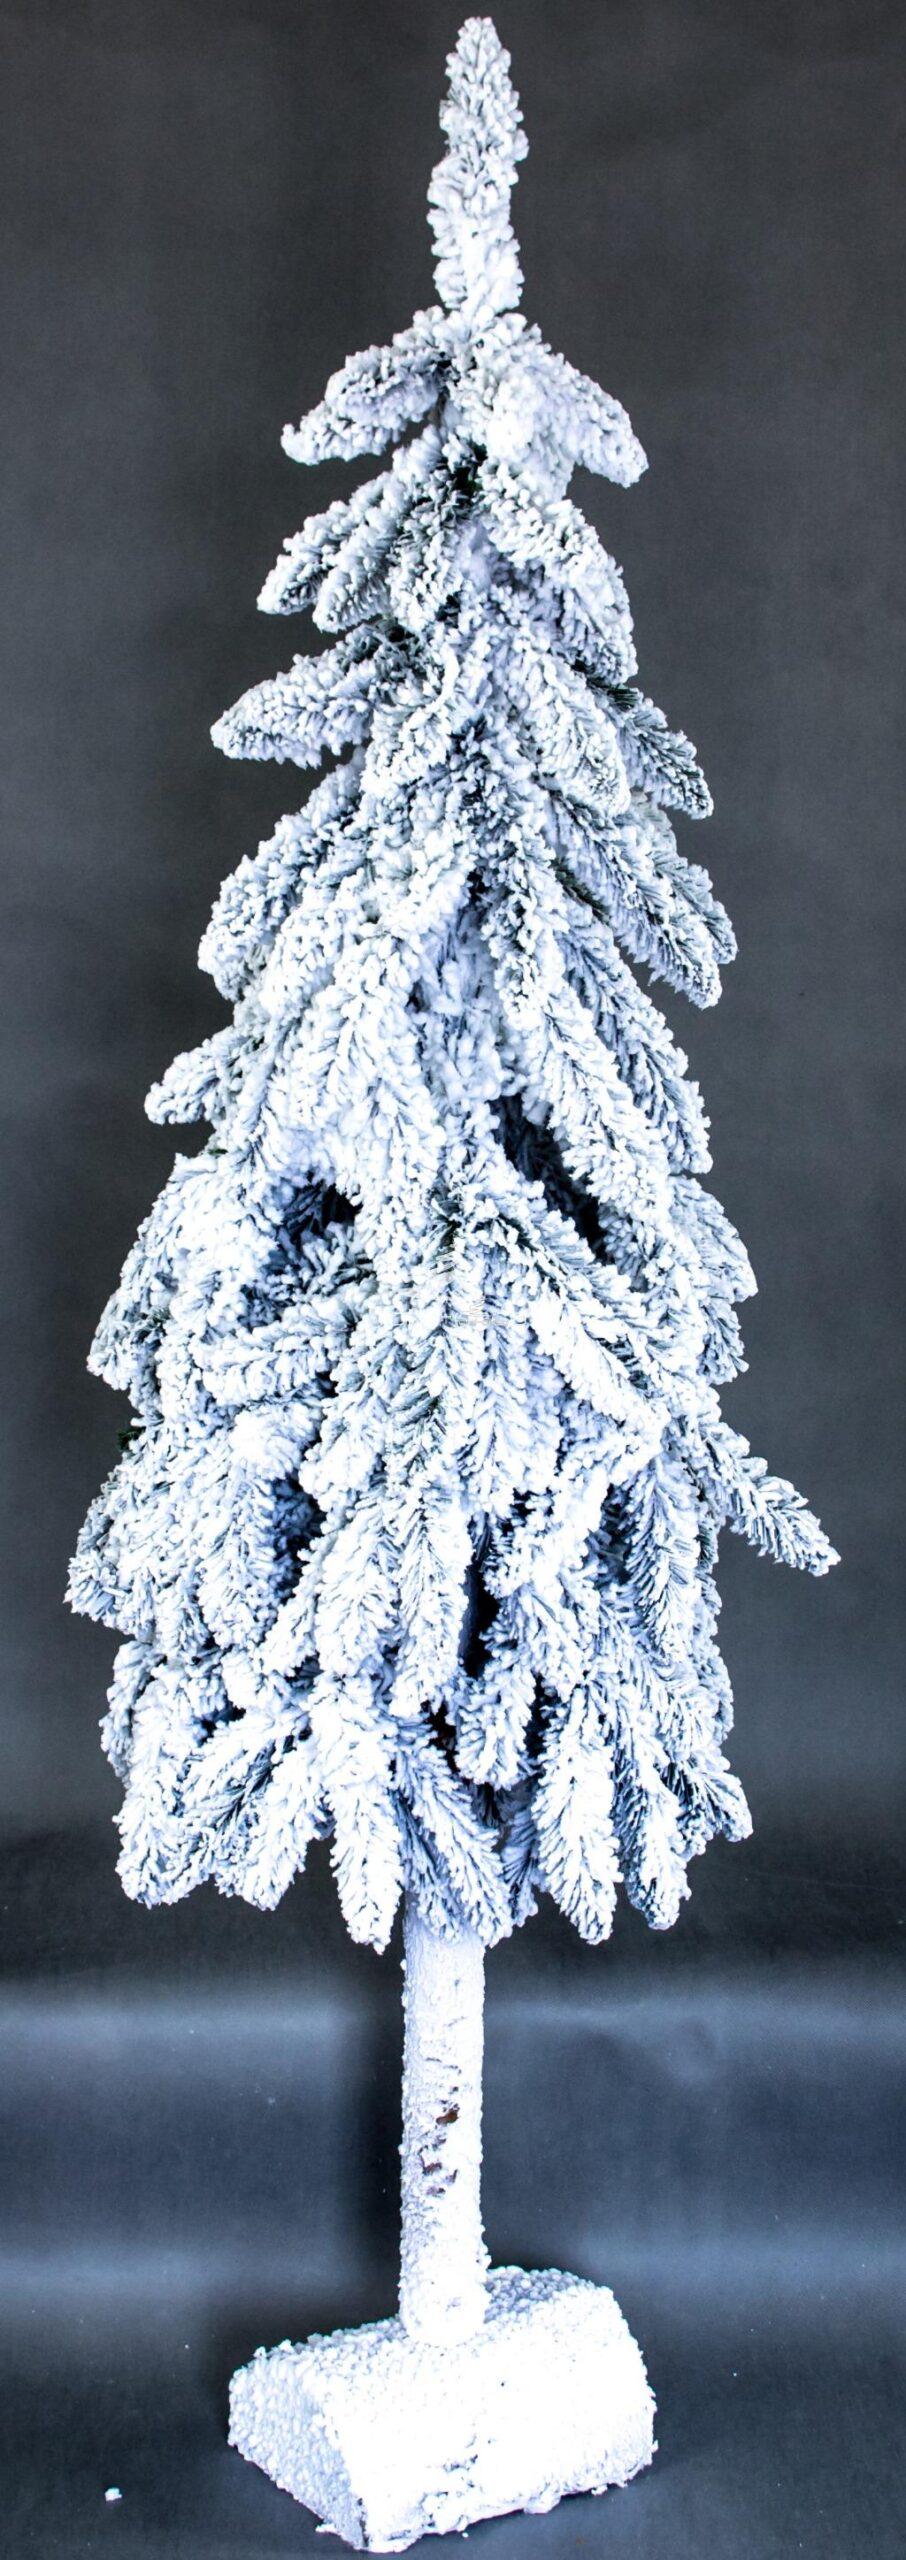 nowoczesna choinka/biała dekoracja świąteczna